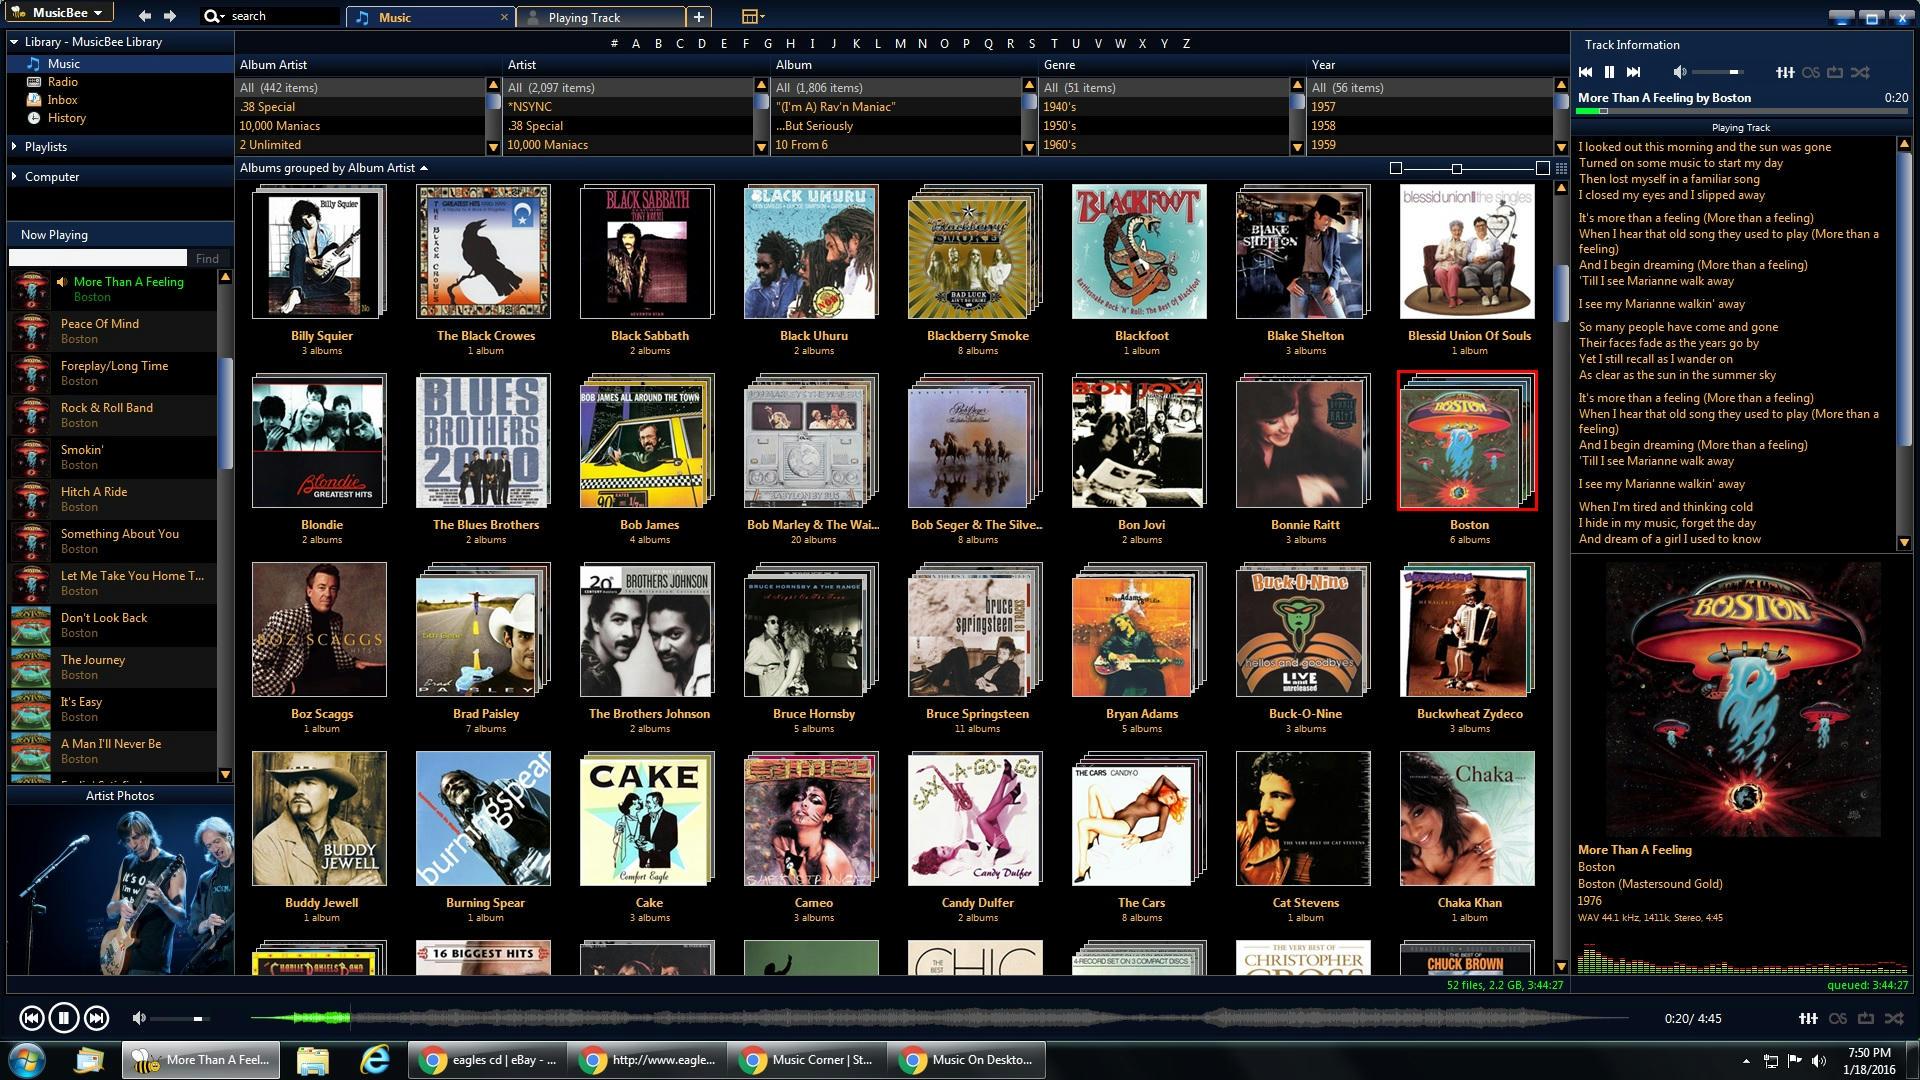 music musicbee skin desktops system which